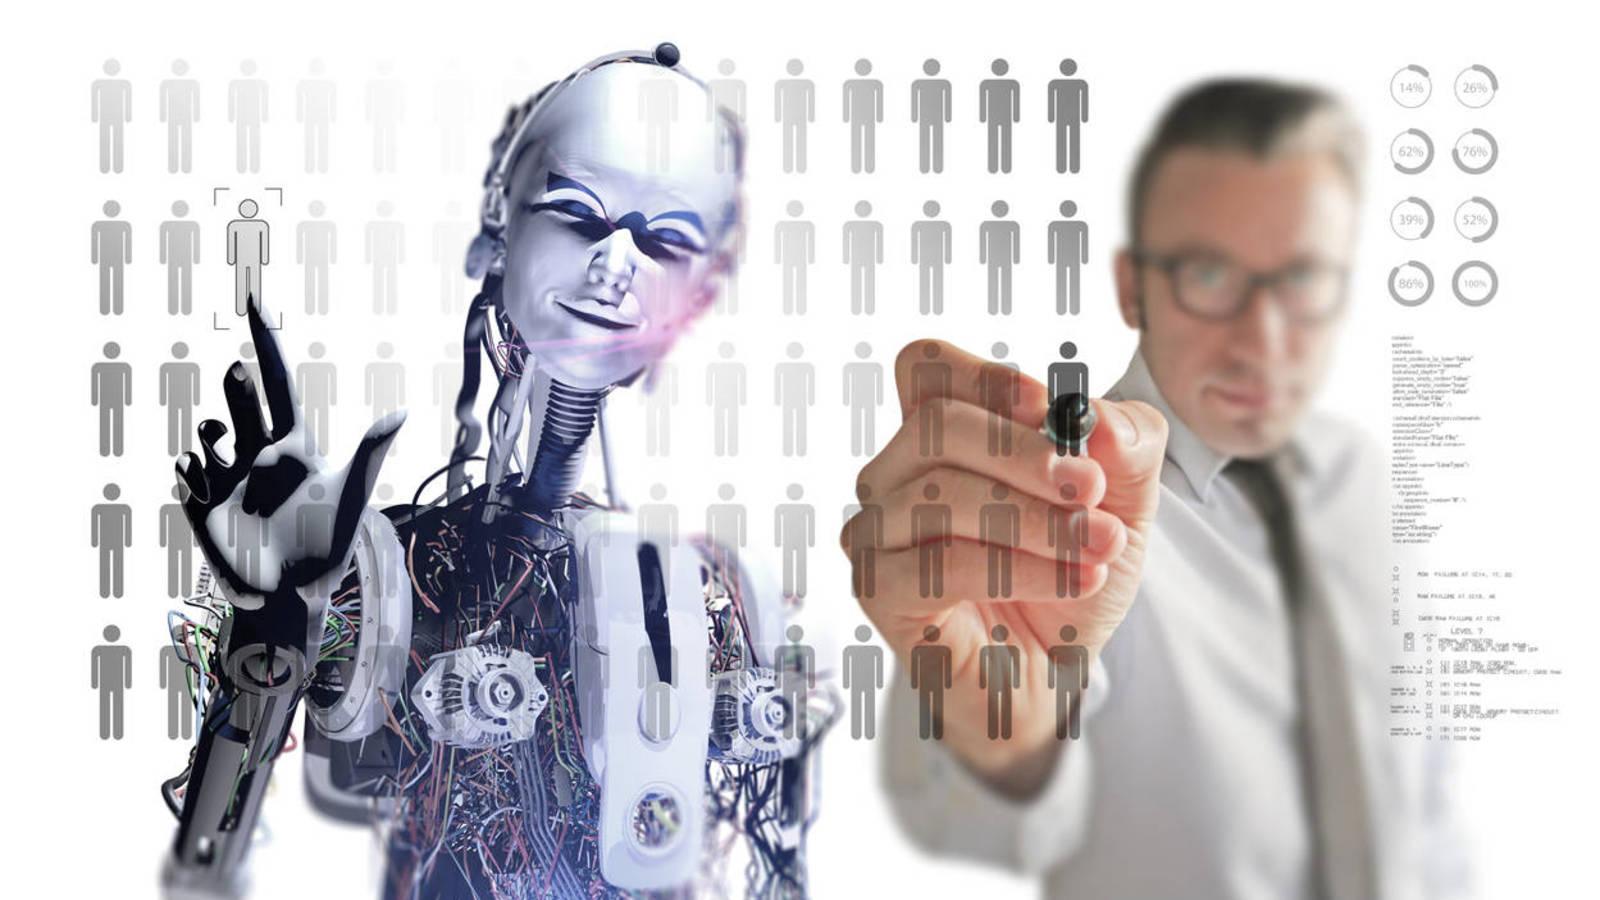 Demandan políticas para enfrentar cambios tecnológicos en el trabajo